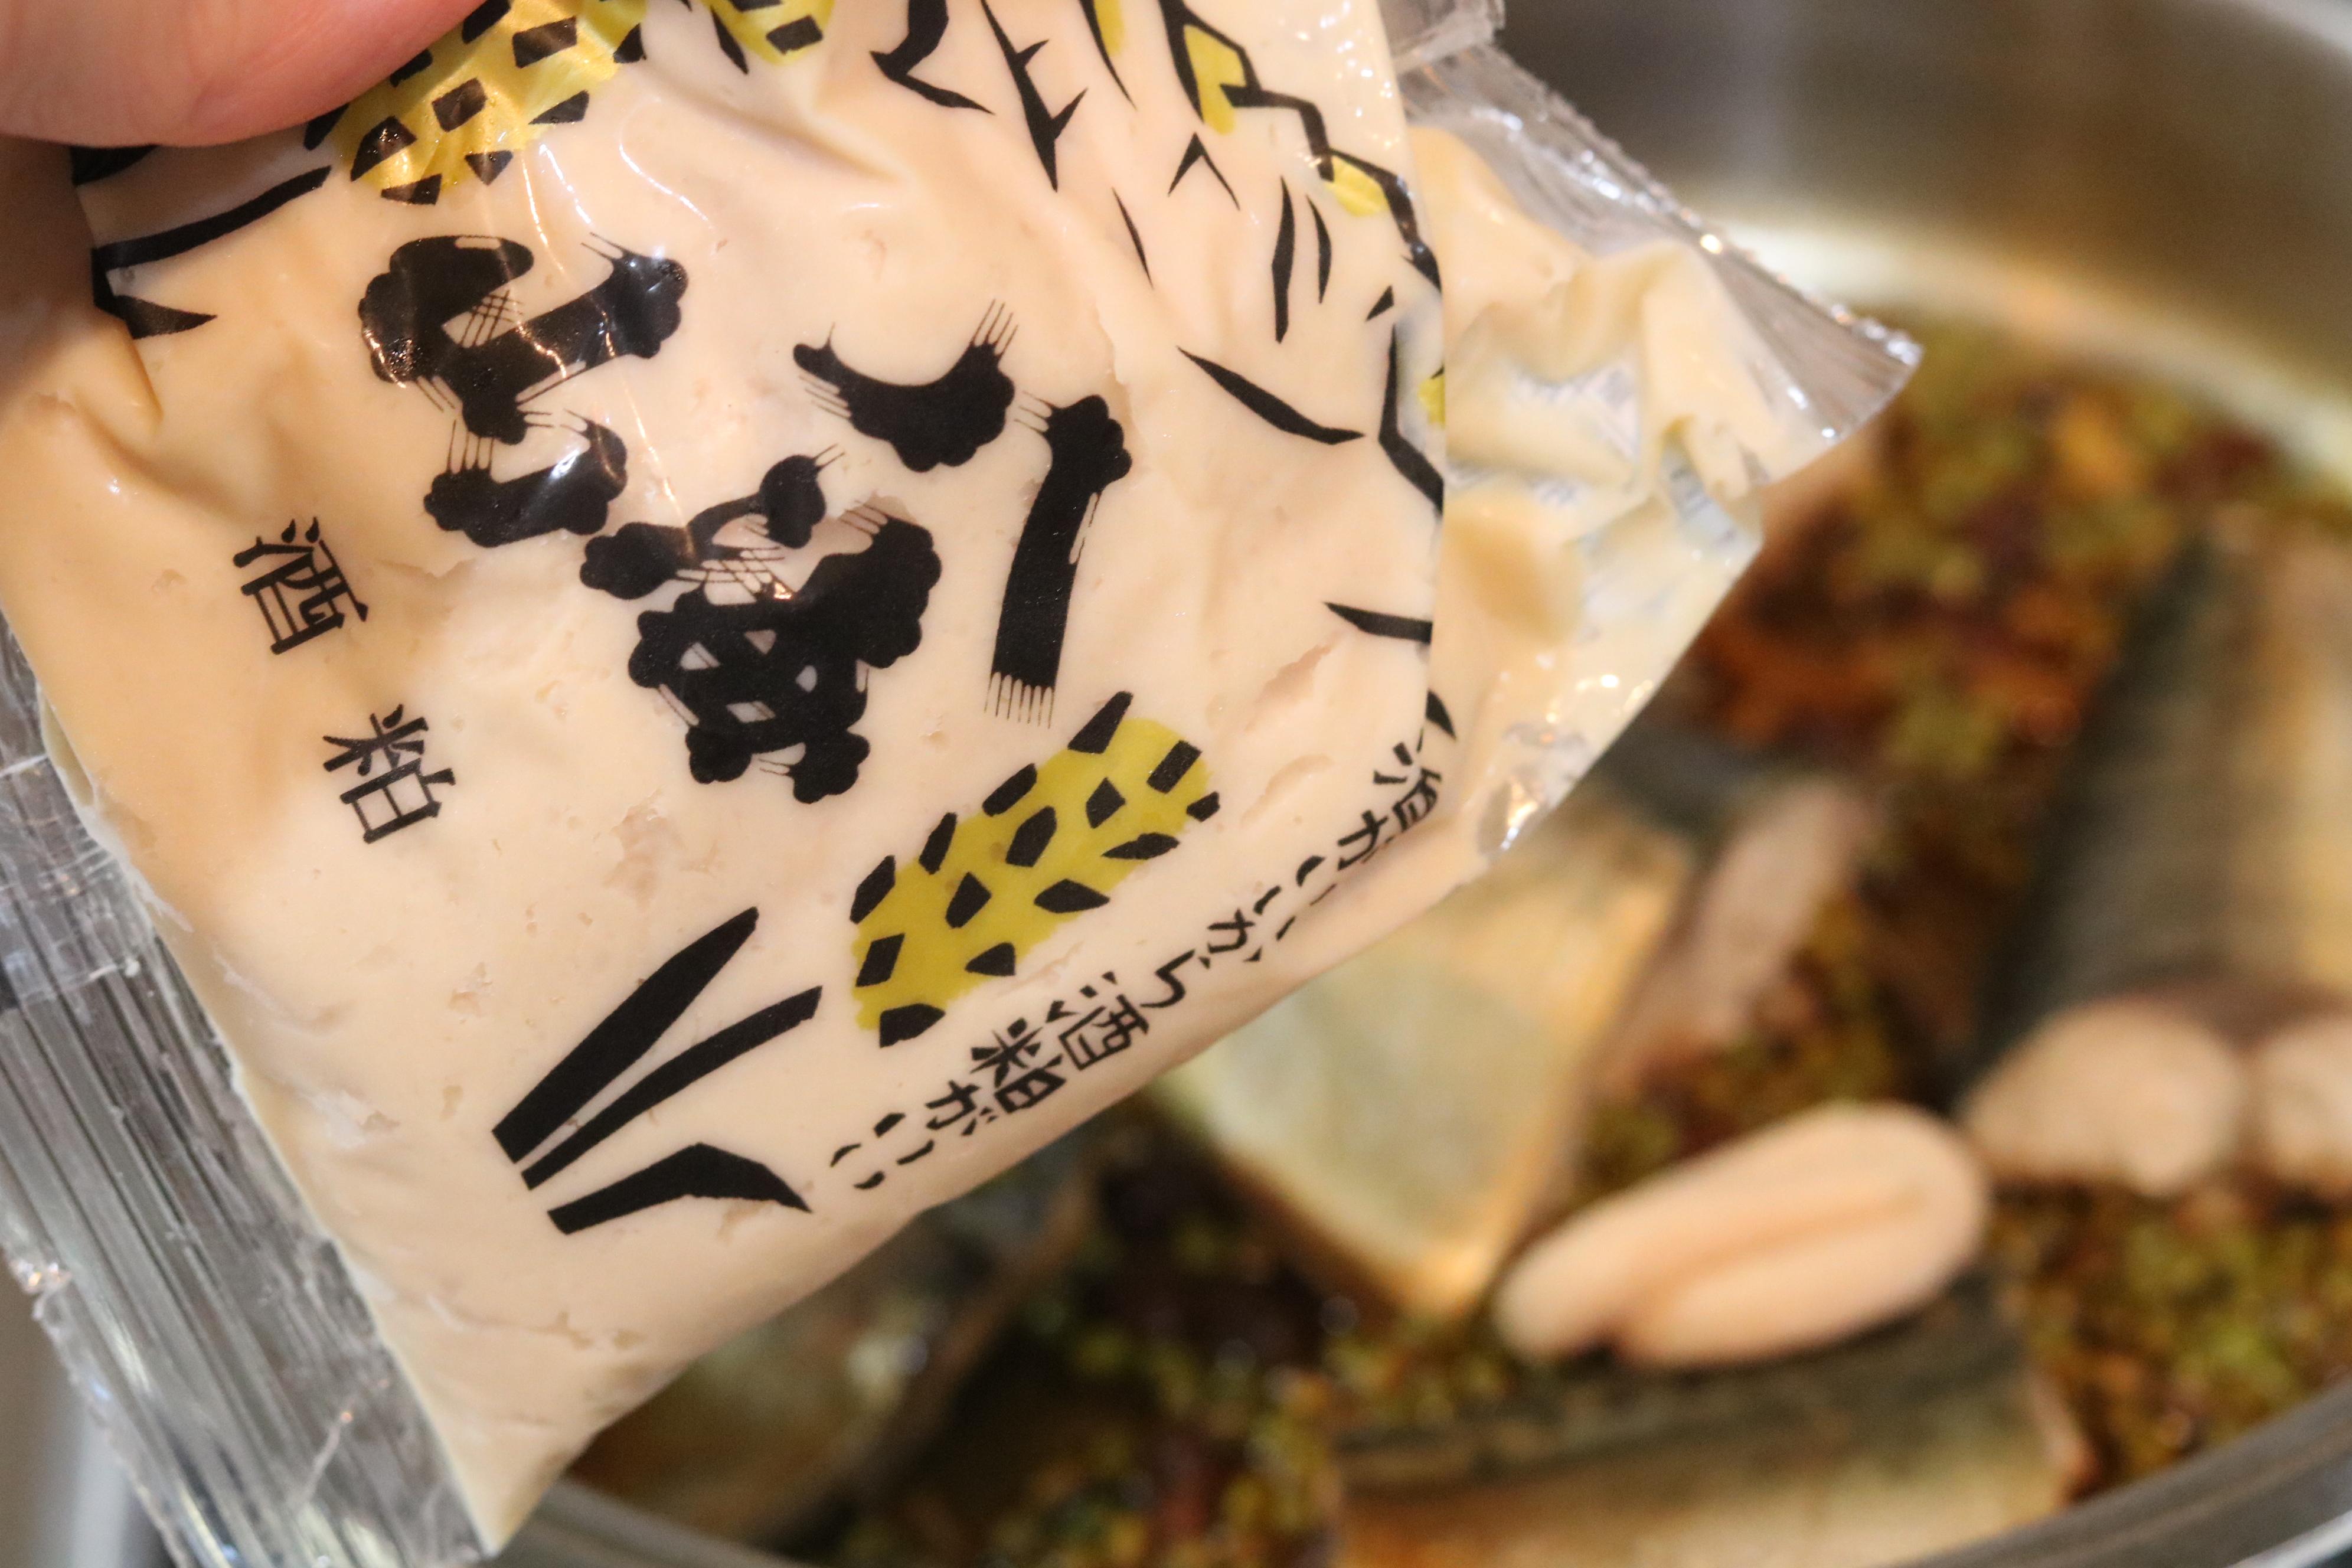 酒粕を煮魚の仕上げに加えて温めて循環アップ薬膳。